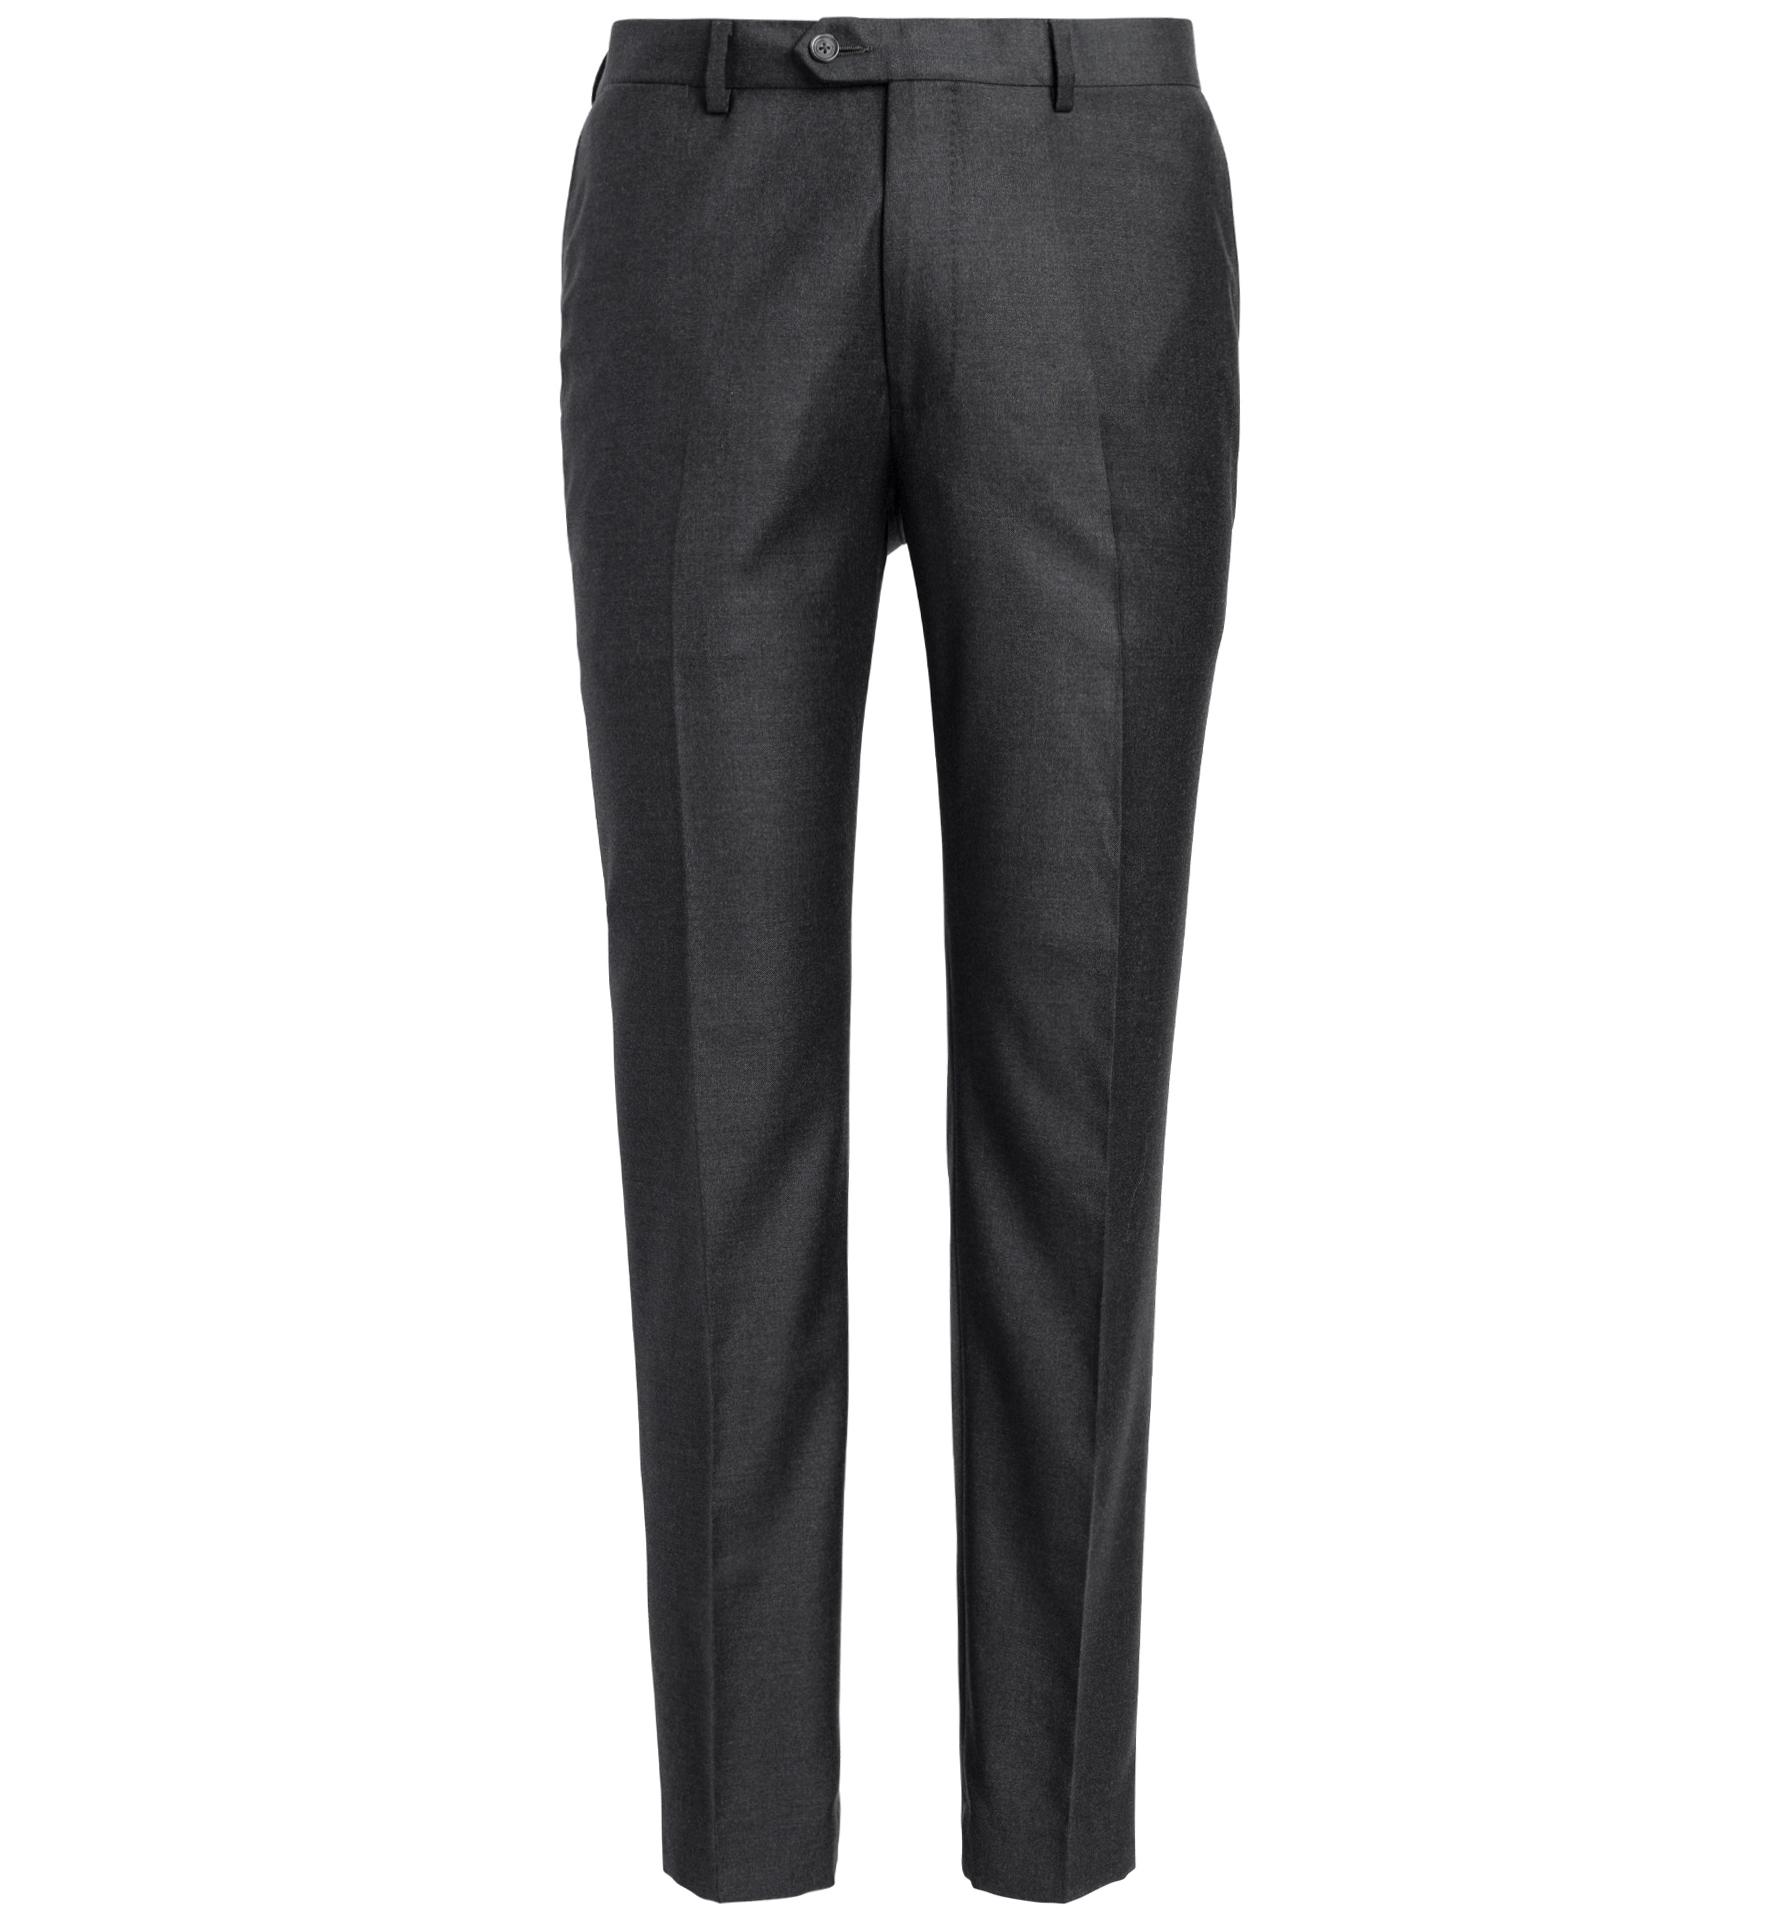 Zoom Image of Allen Grey S130s Wool Trouser